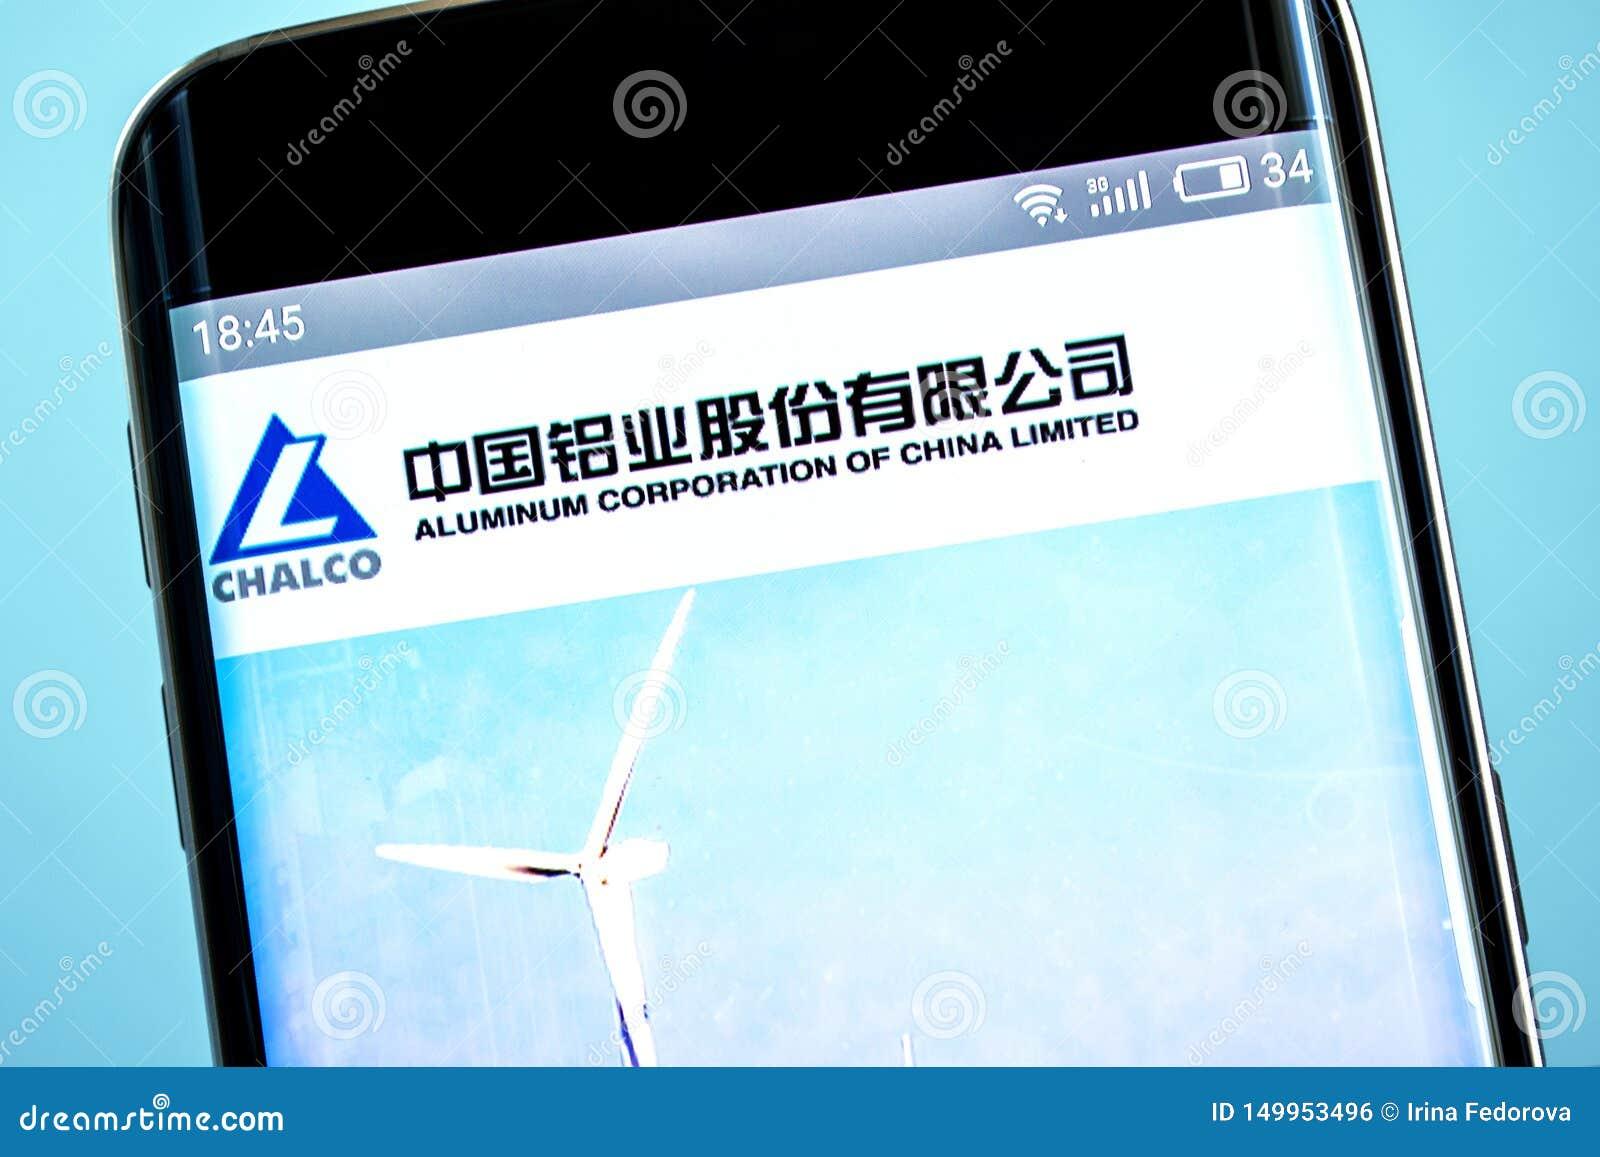 Berdyansk, Украина - 6-ое июня 2019: Иллюстративная передовица Алюминия Корпорации Китая ограничивала домашнюю страницу вебсайта